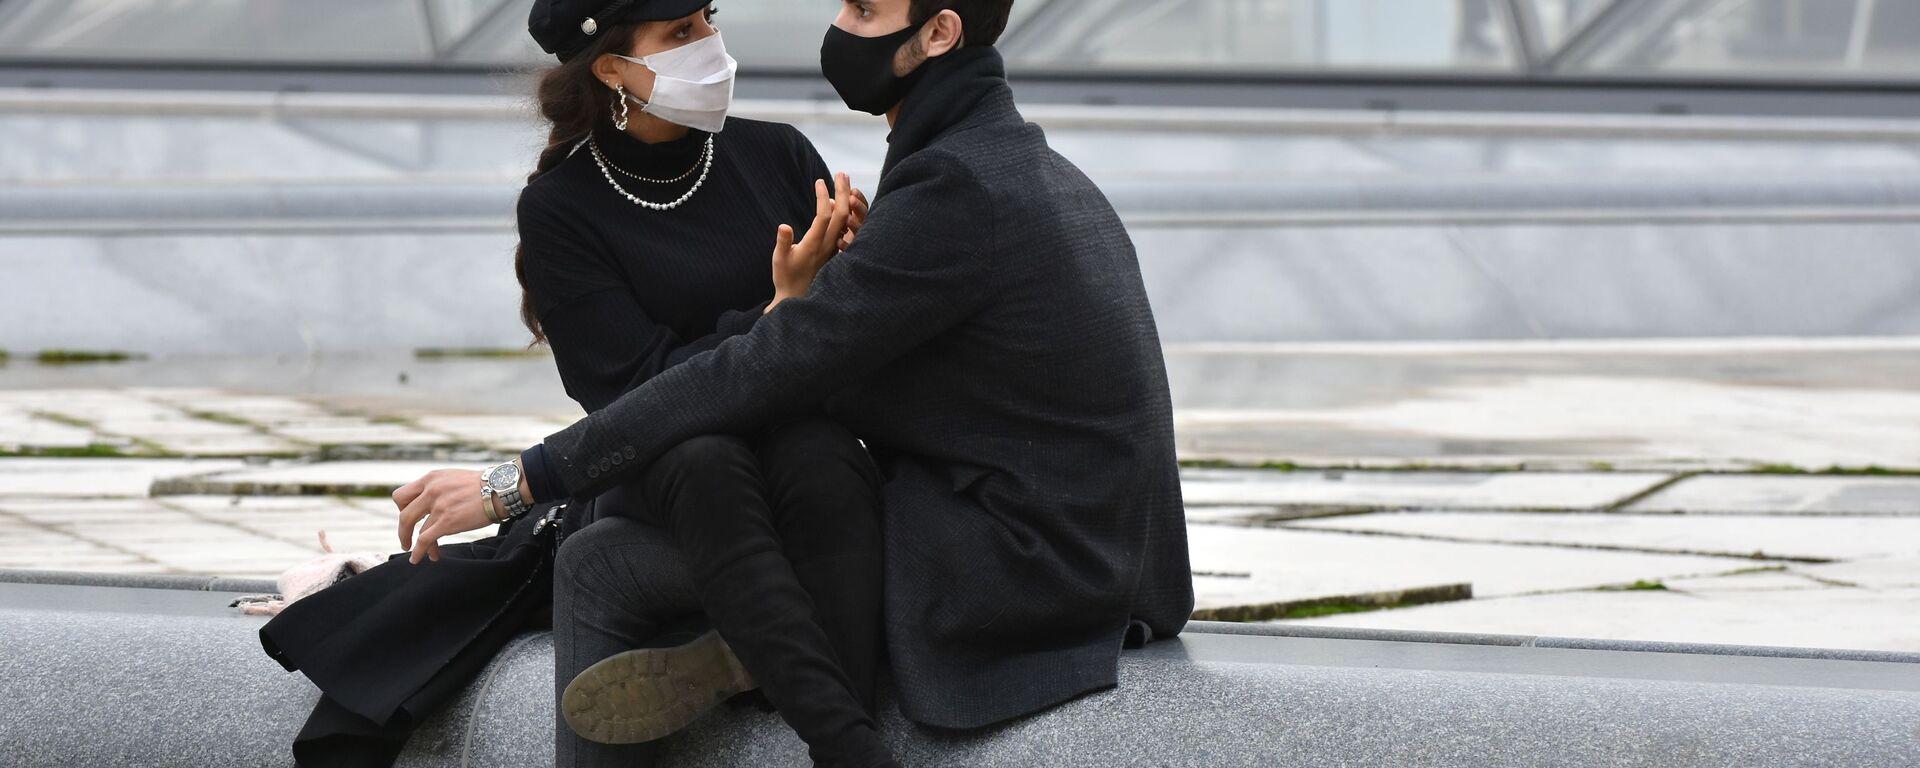 Giovani con le mascherine a Parigi - Sputnik Italia, 1920, 14.05.2021